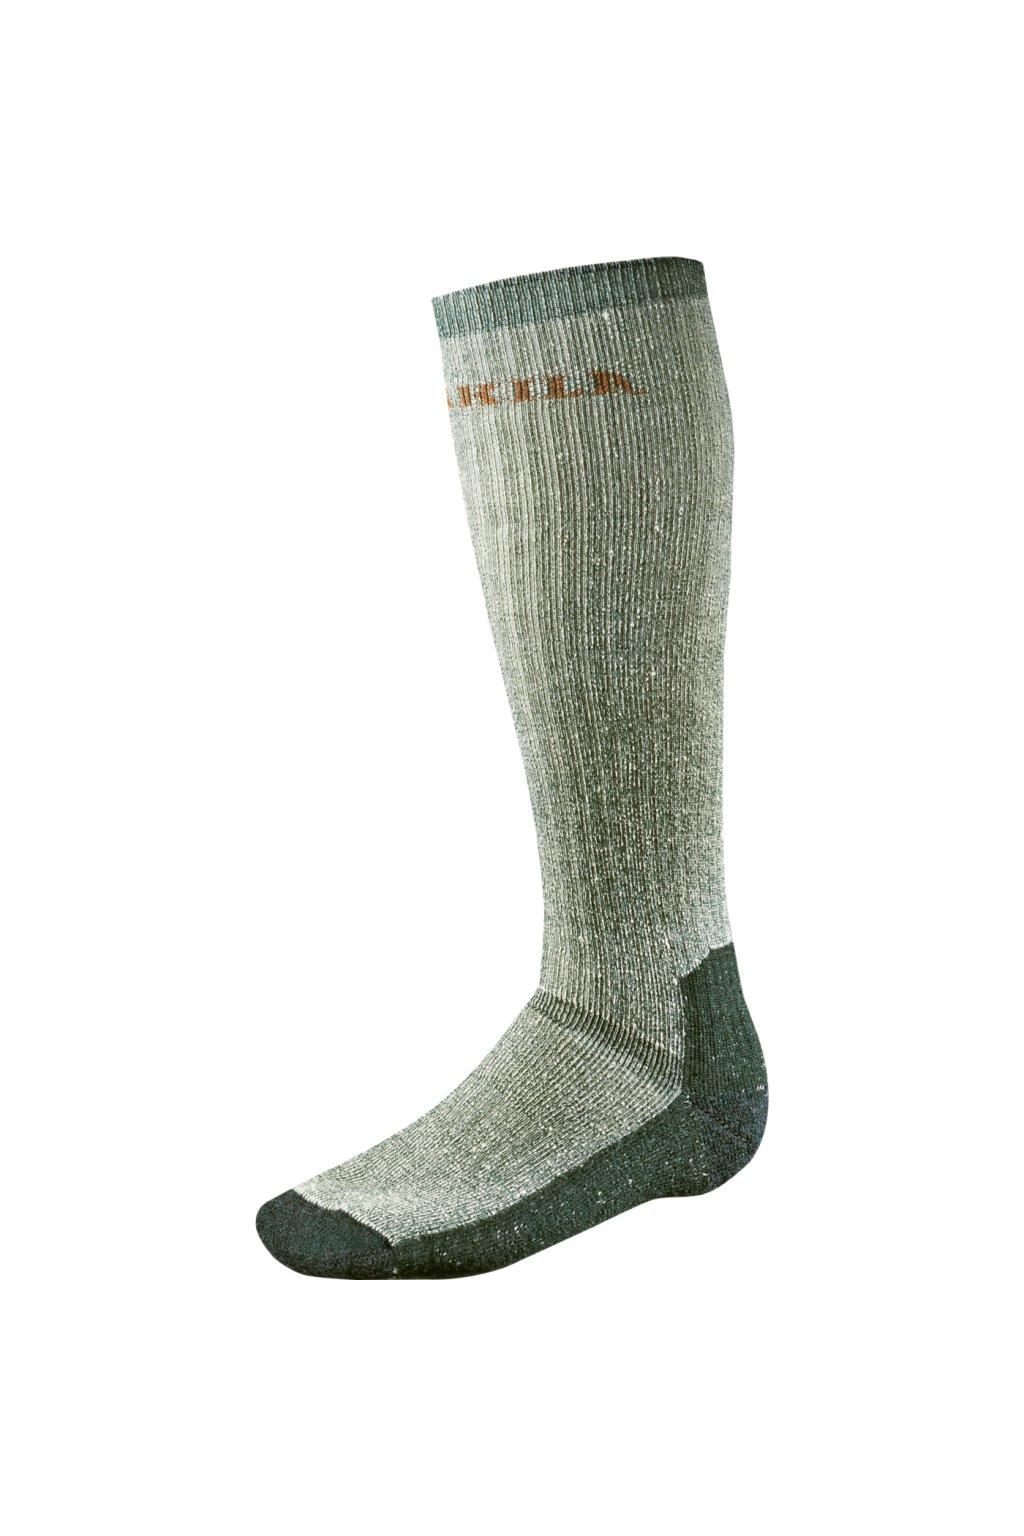 HÄRKILA - Expedition ponožky dlouhé pánské